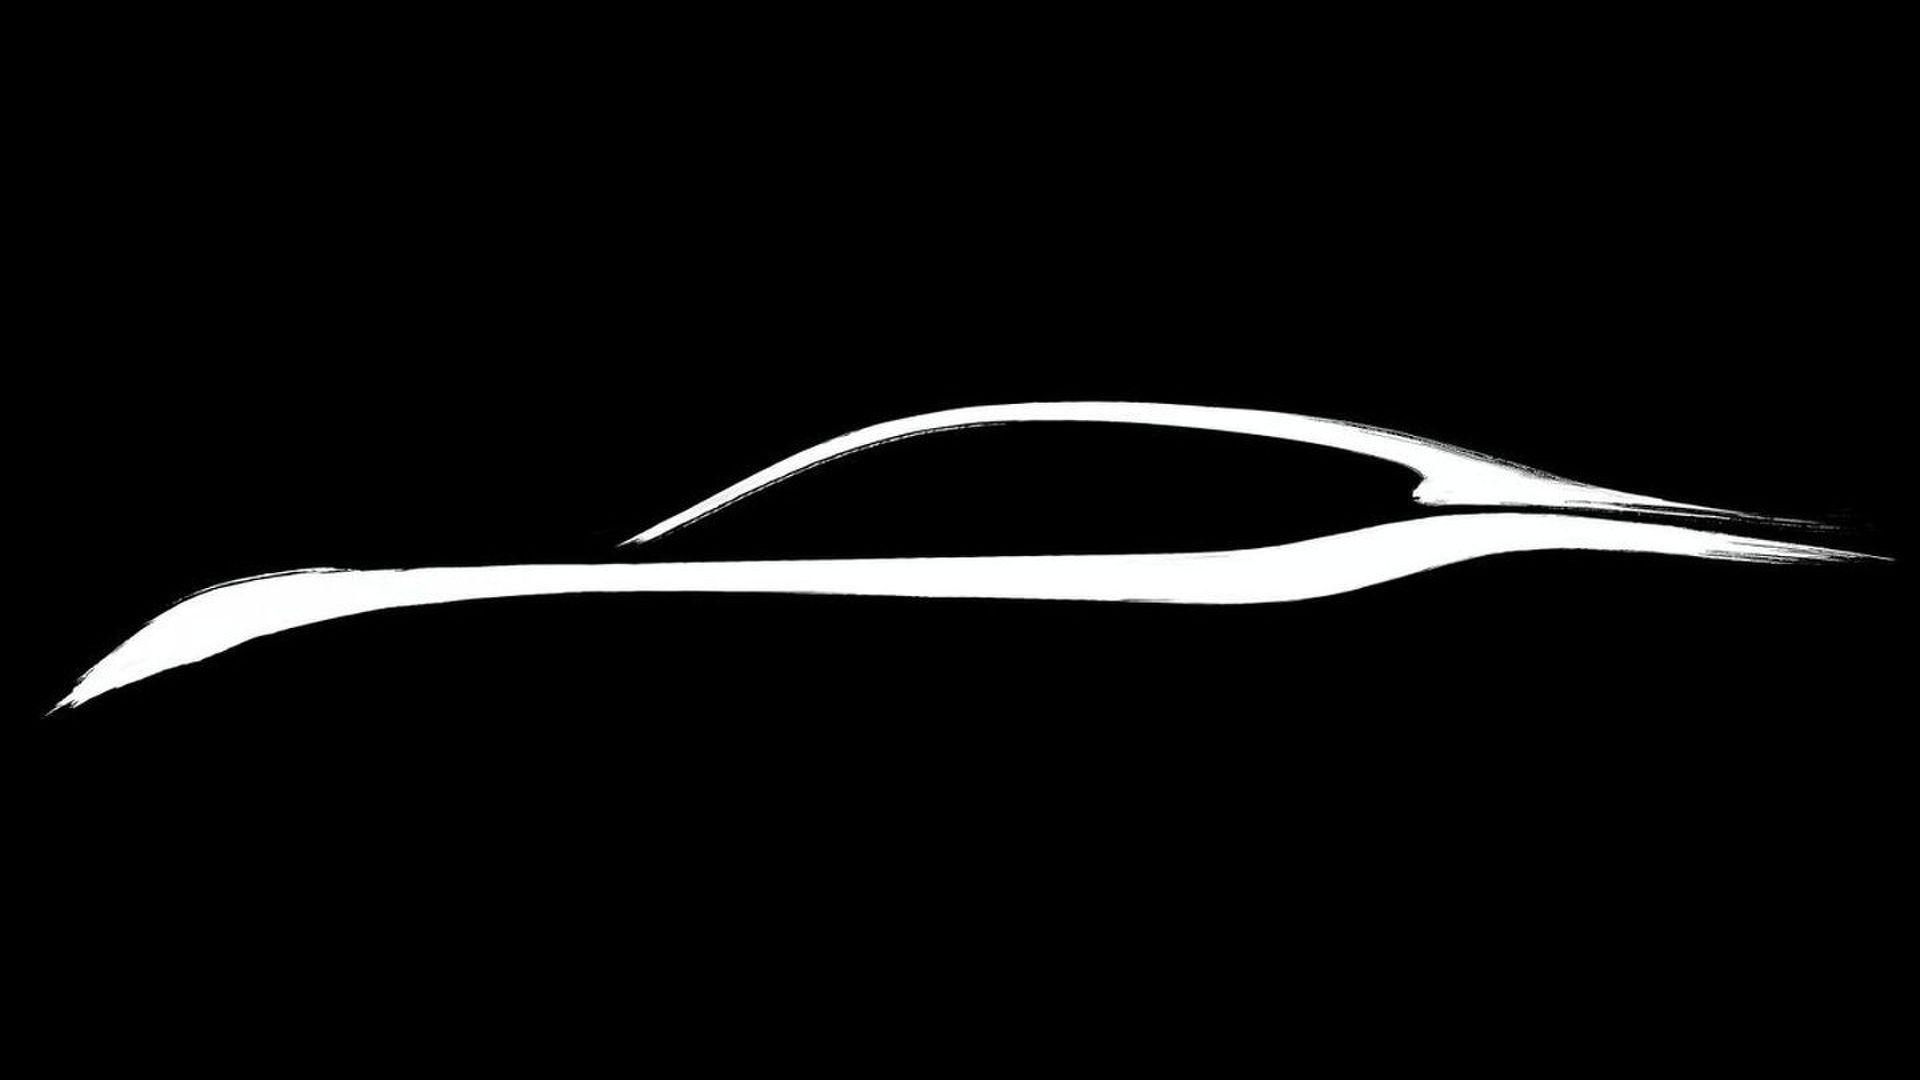 Infiniti M performance luxury sedan teaser released